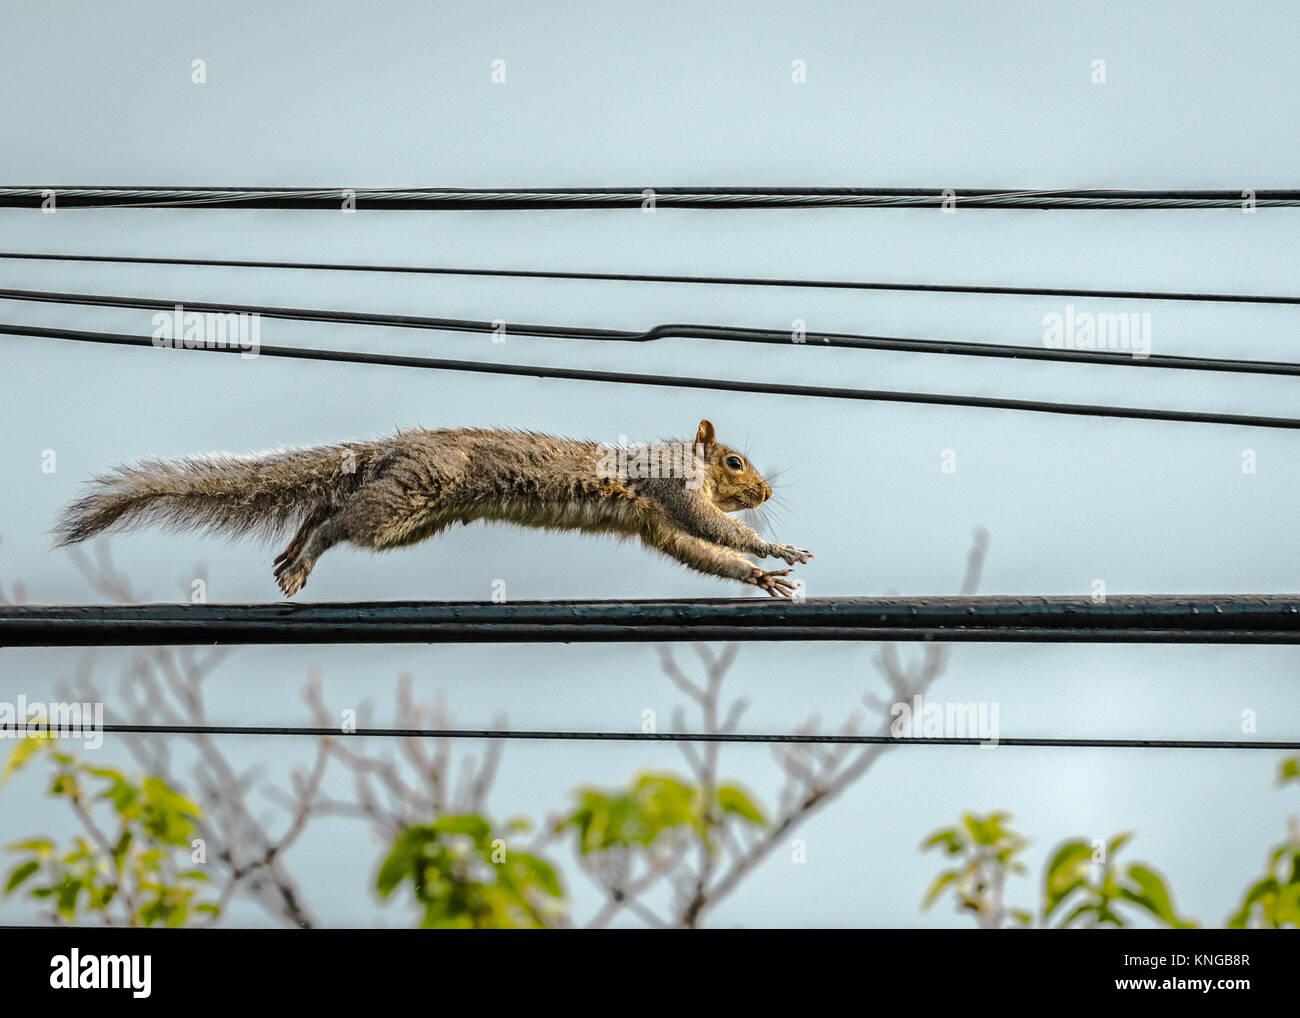 Squirrel Running Stockfotos & Squirrel Running Bilder - Alamy